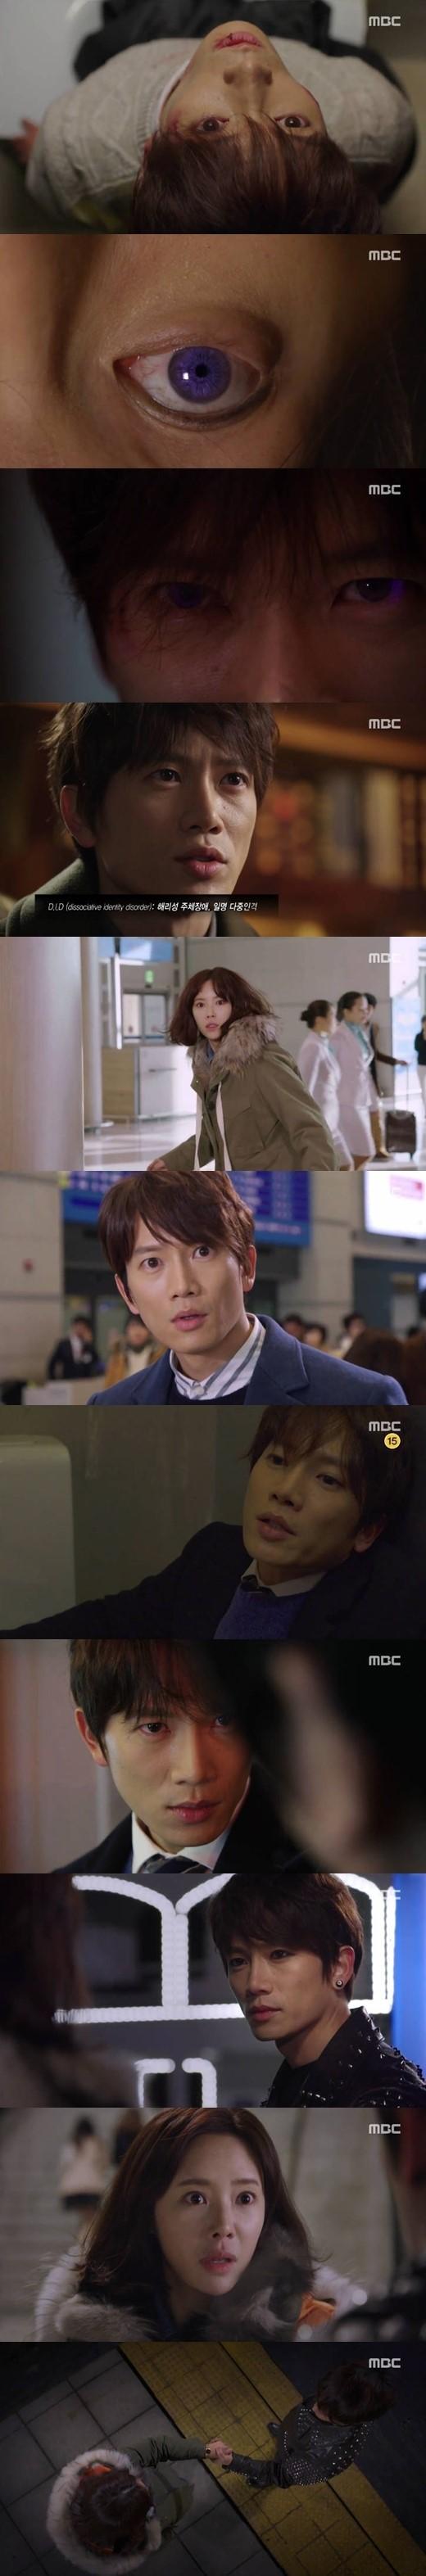 キルミヒルミ(MBC水木ドラマドラマ)の1月7日初めて放送